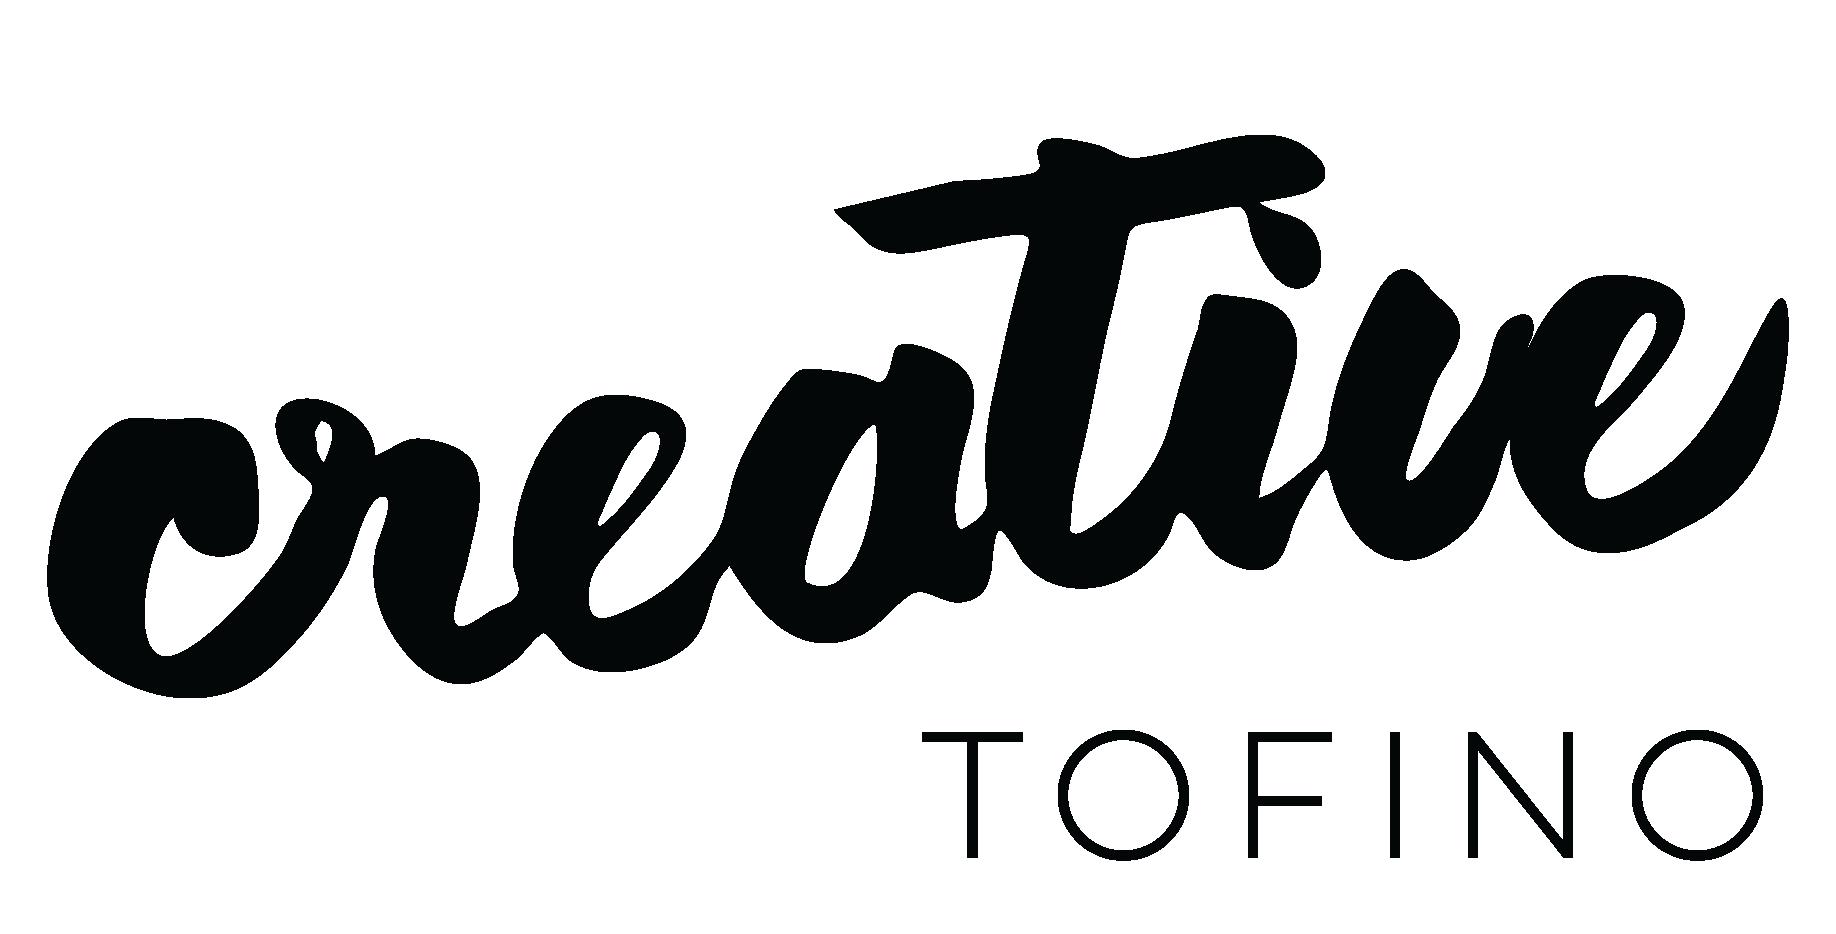 Creative Tofino